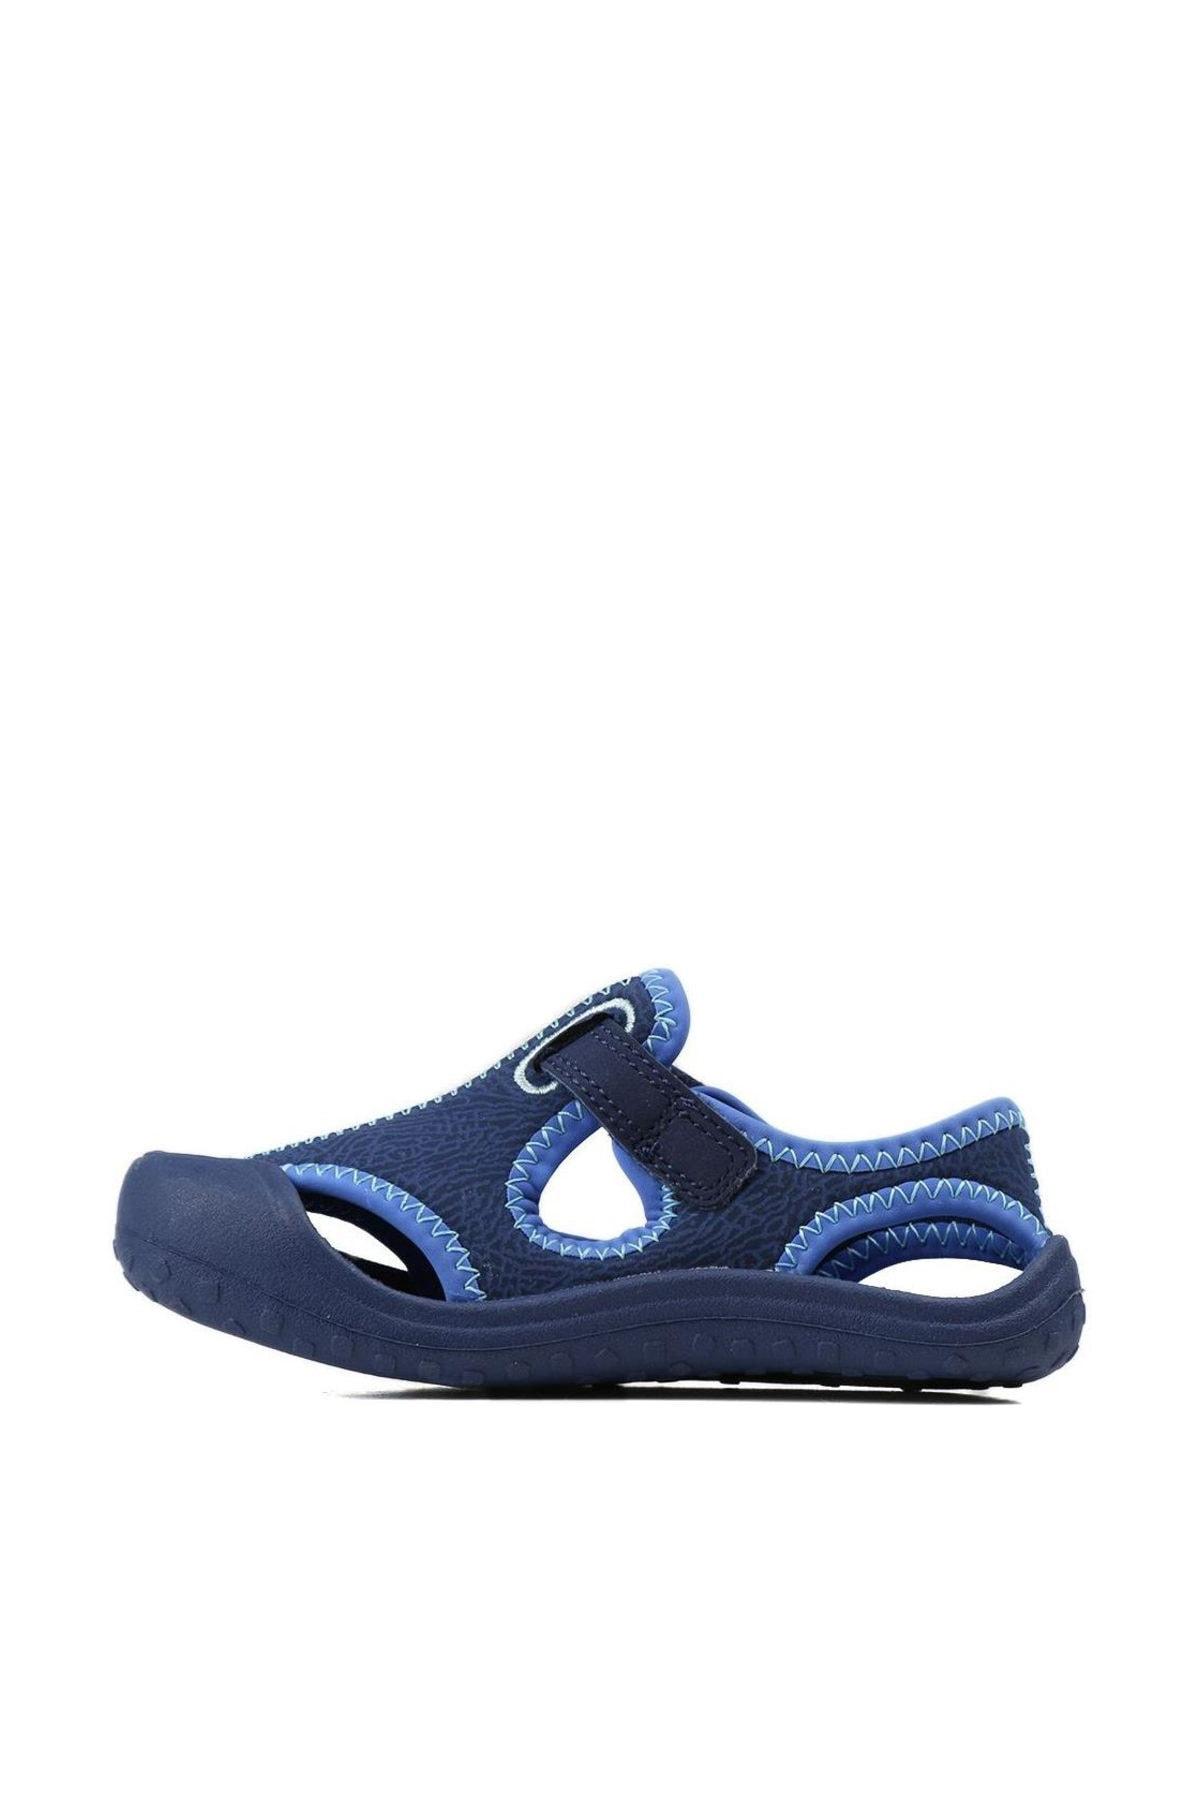 Nike Kids Mor Bebek 903632-400 Sunray Protect Sandalet 2